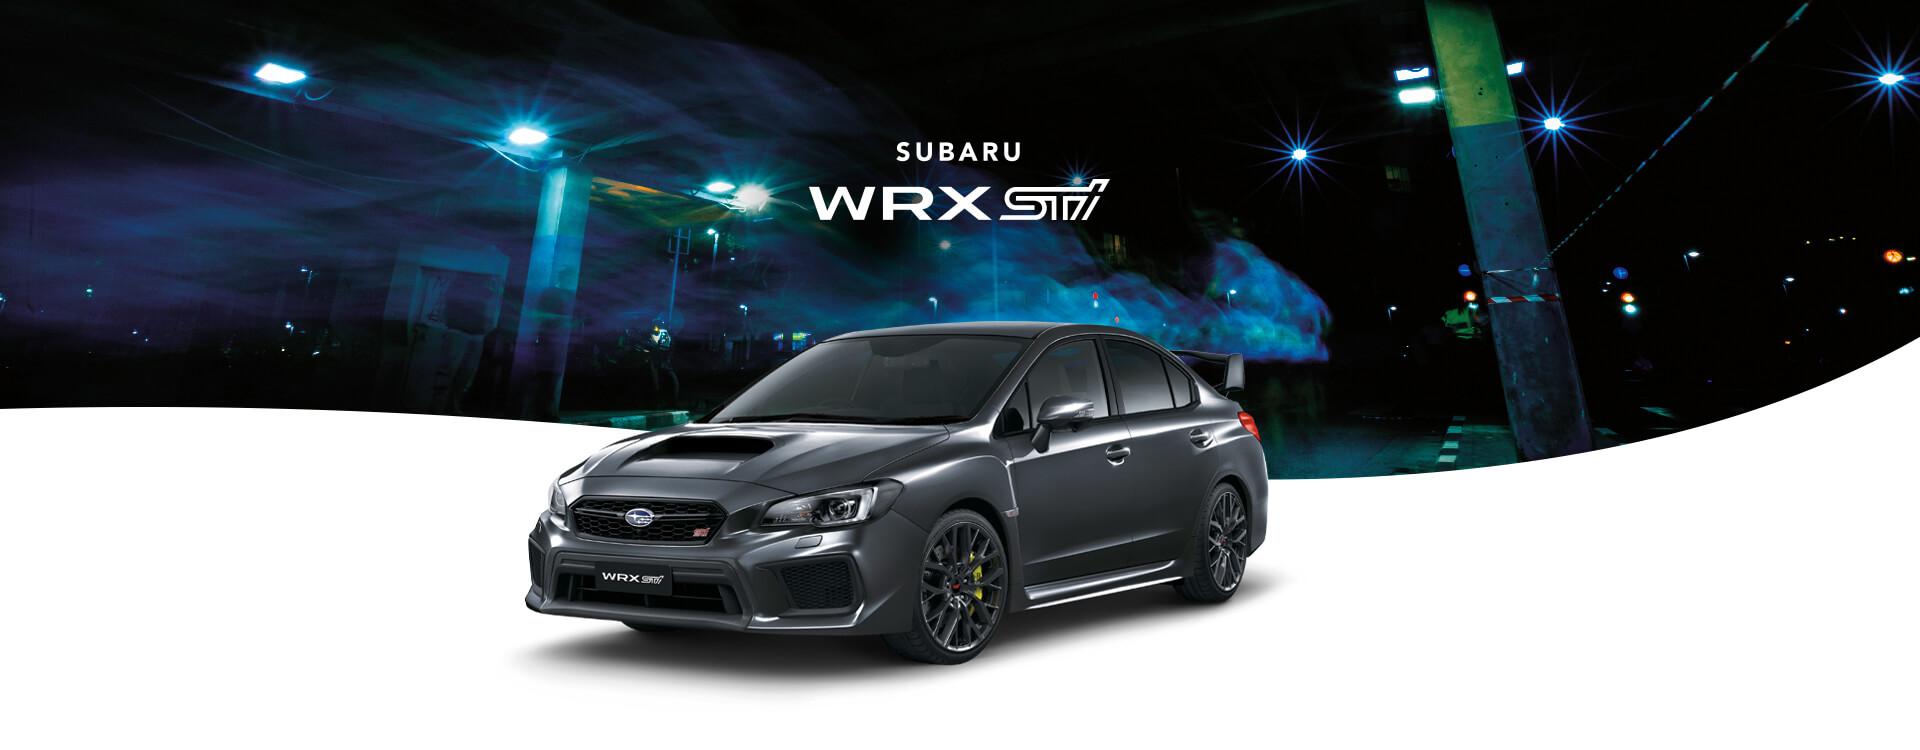 Subaru Wrx Wrx Sti Design Subaru Australia